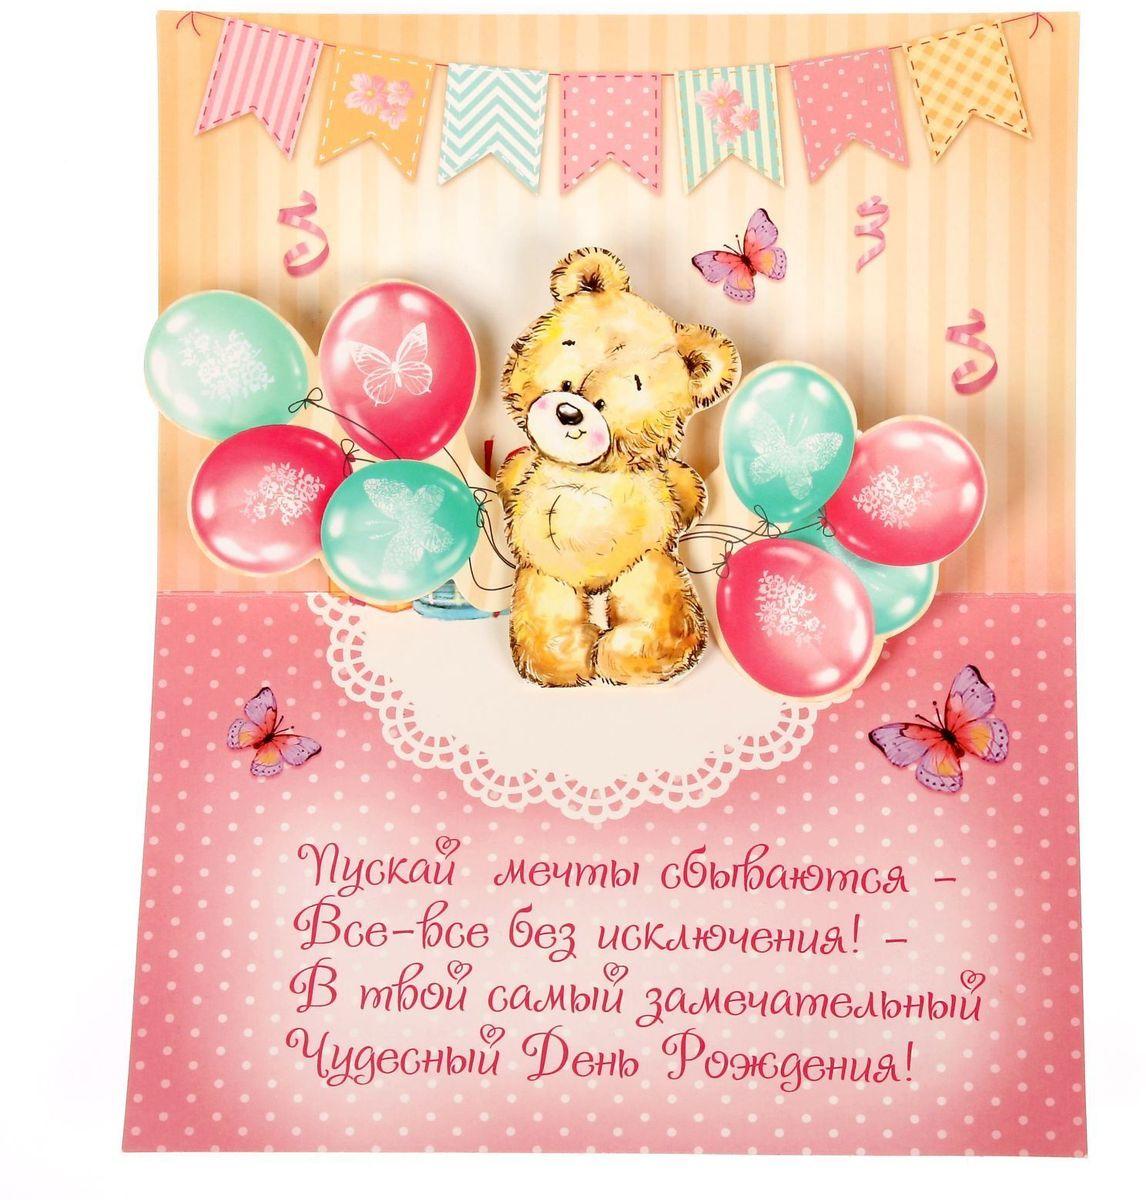 Что написать девочке на открытке, февраля поздравления стена